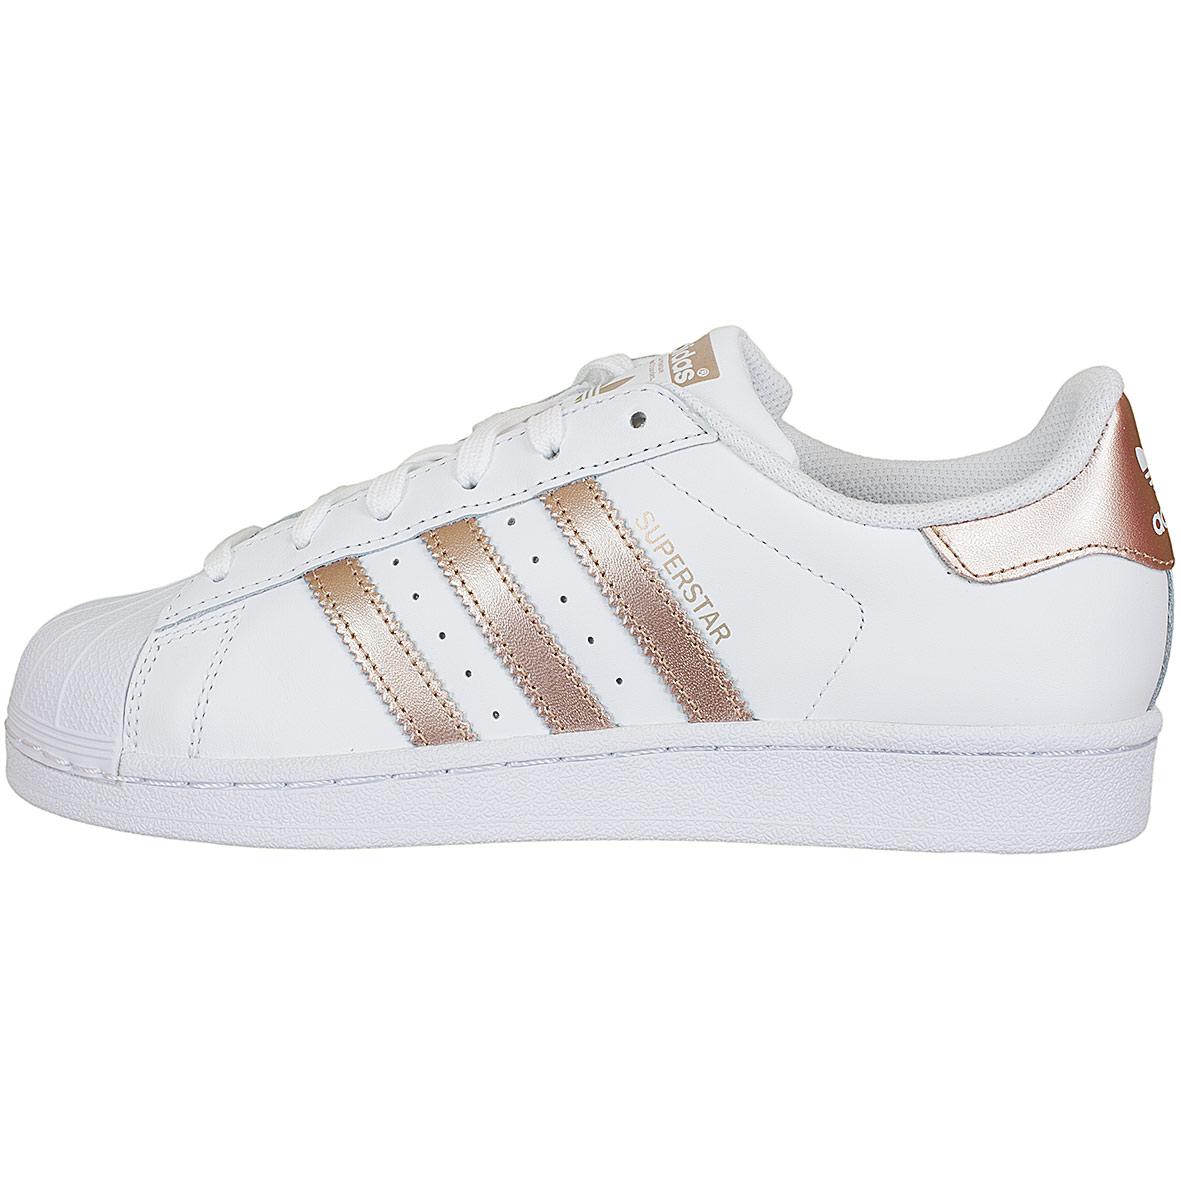 Weiß Superstar Ba8169 Adidas Gold Turnschuhe Originals